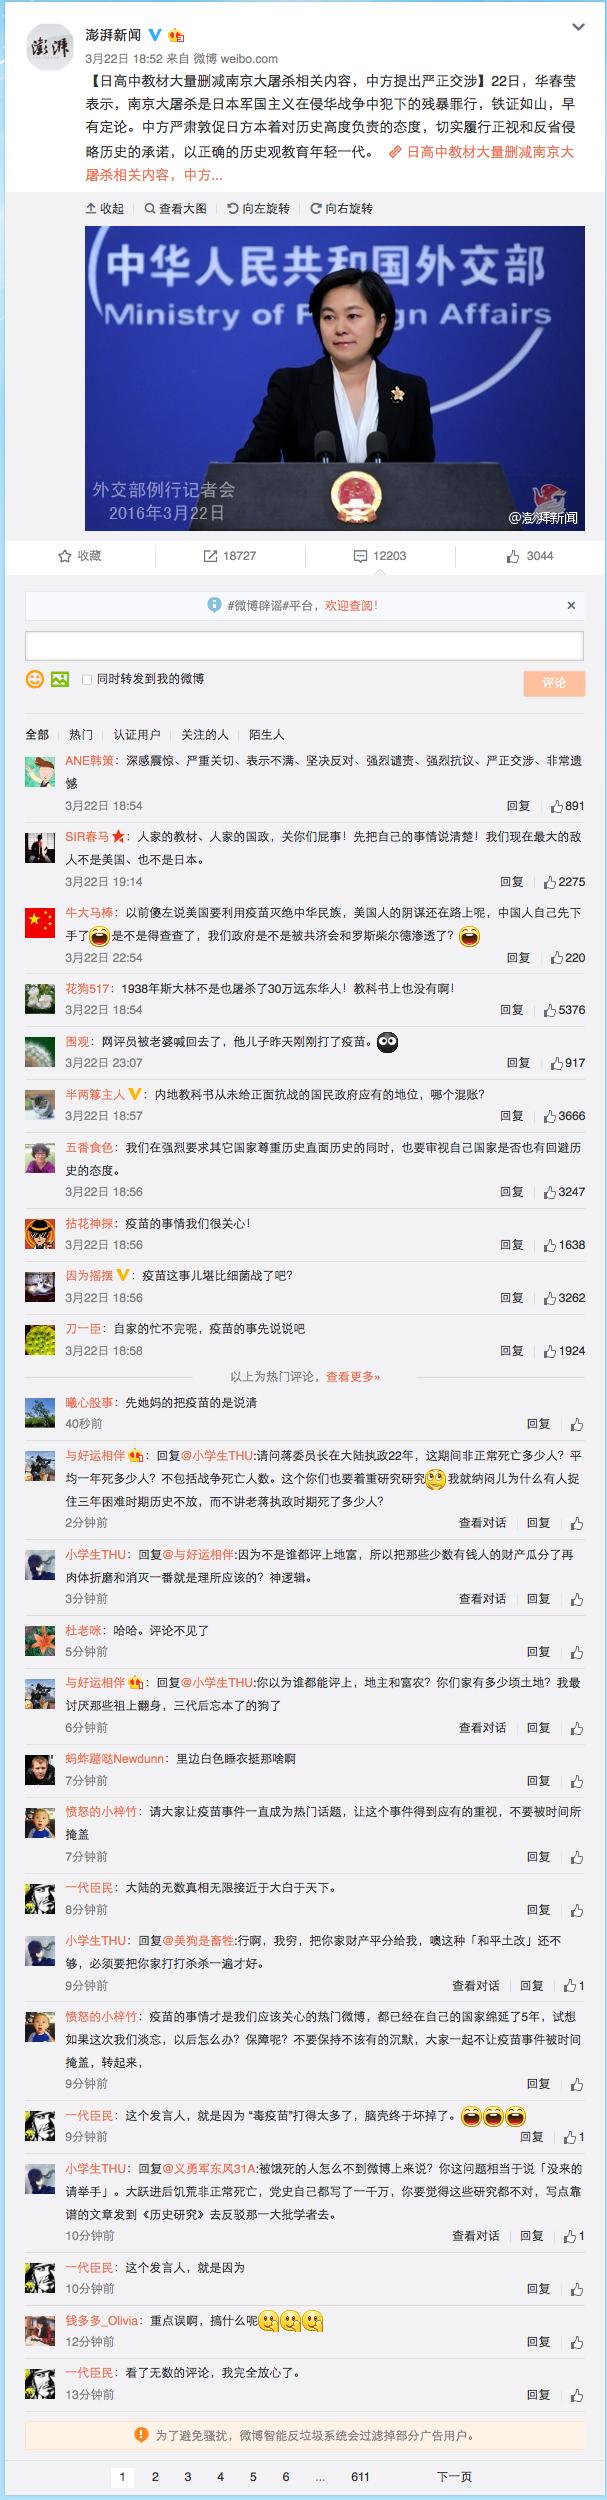 日高中教材大量删减南京大屠杀相关内容png